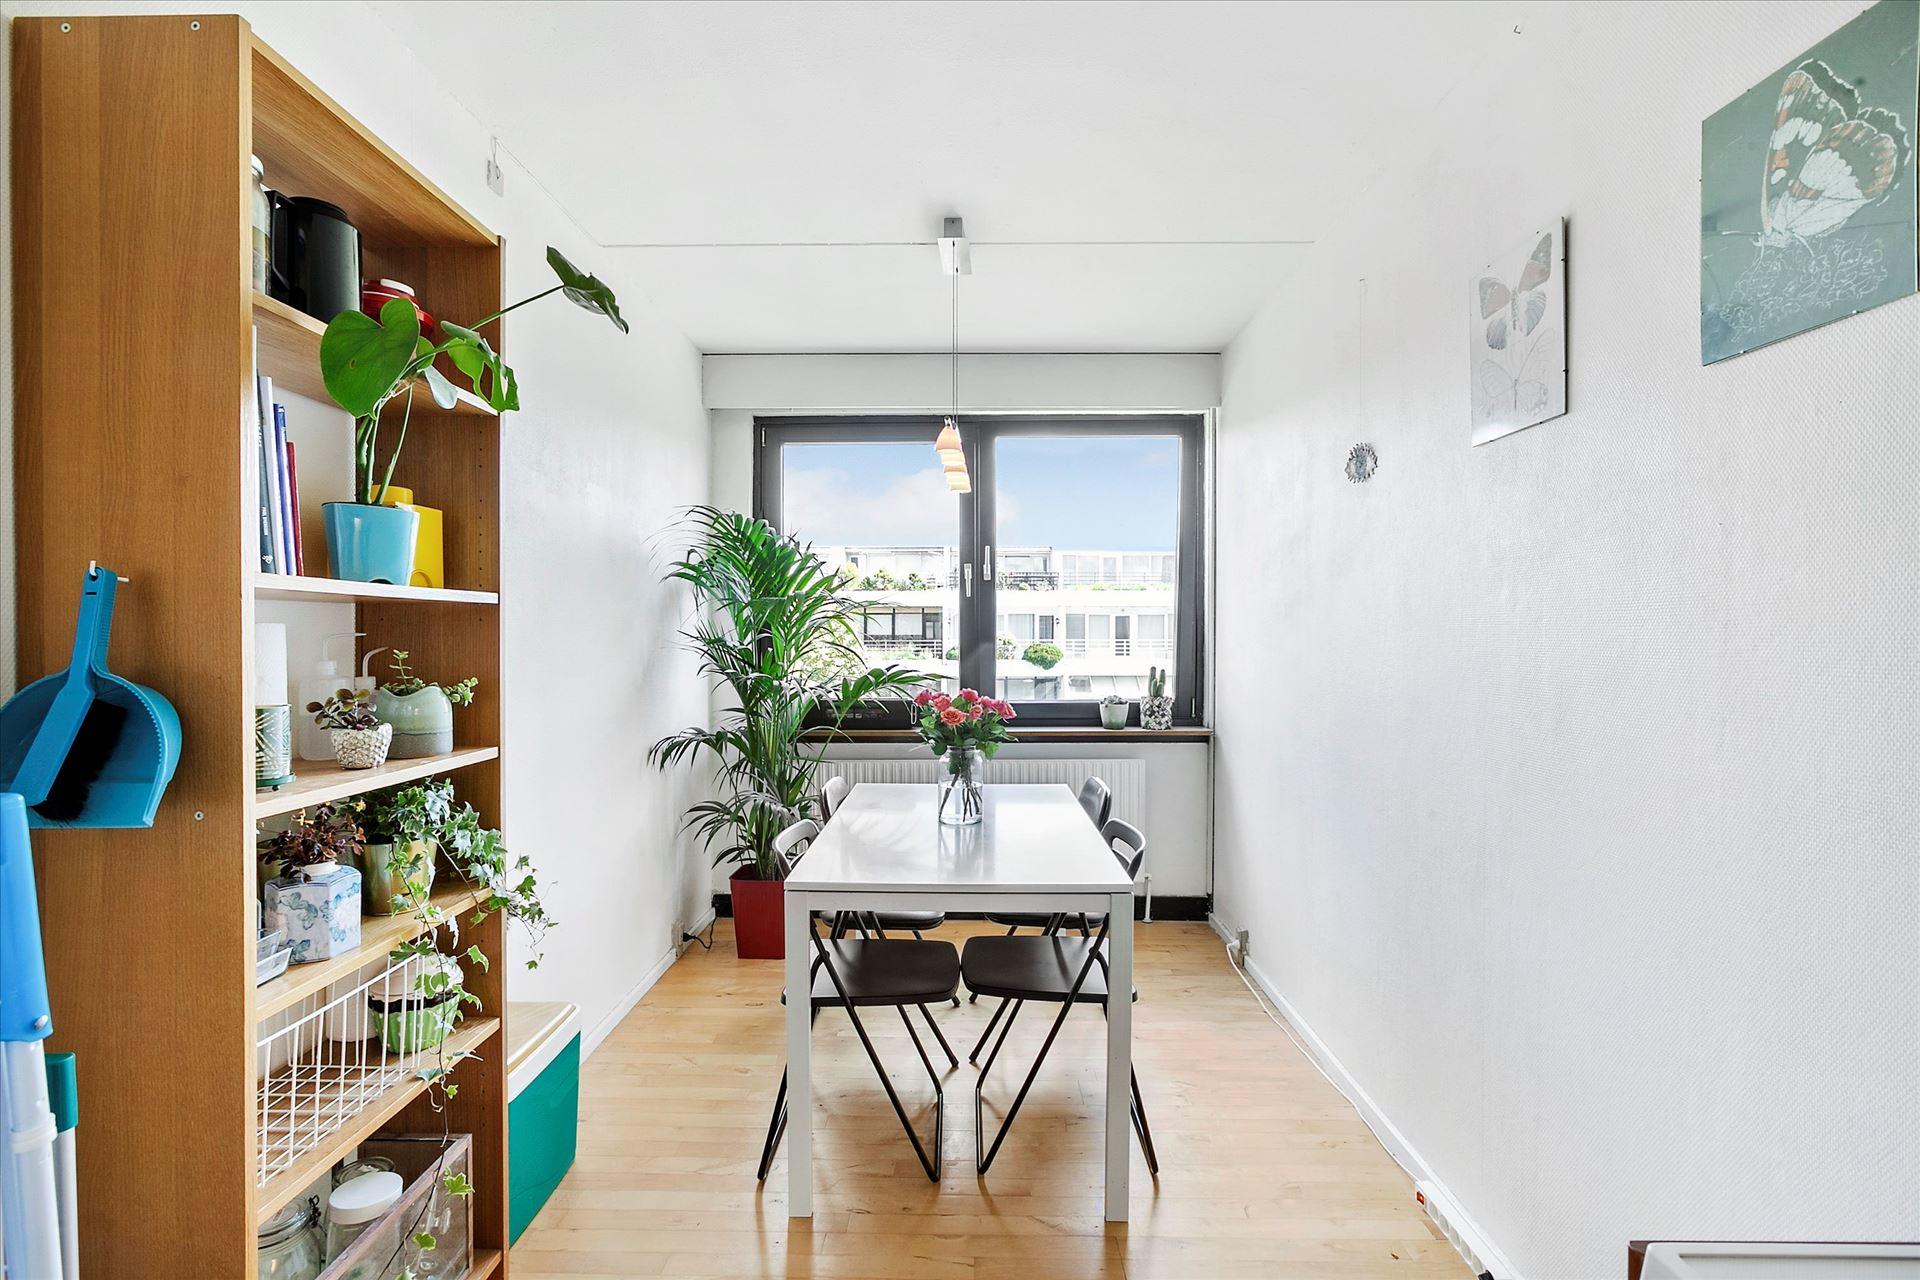 lejlighed-til-salg-boligindretning-07-kokkenet-spisebord - Little Green World